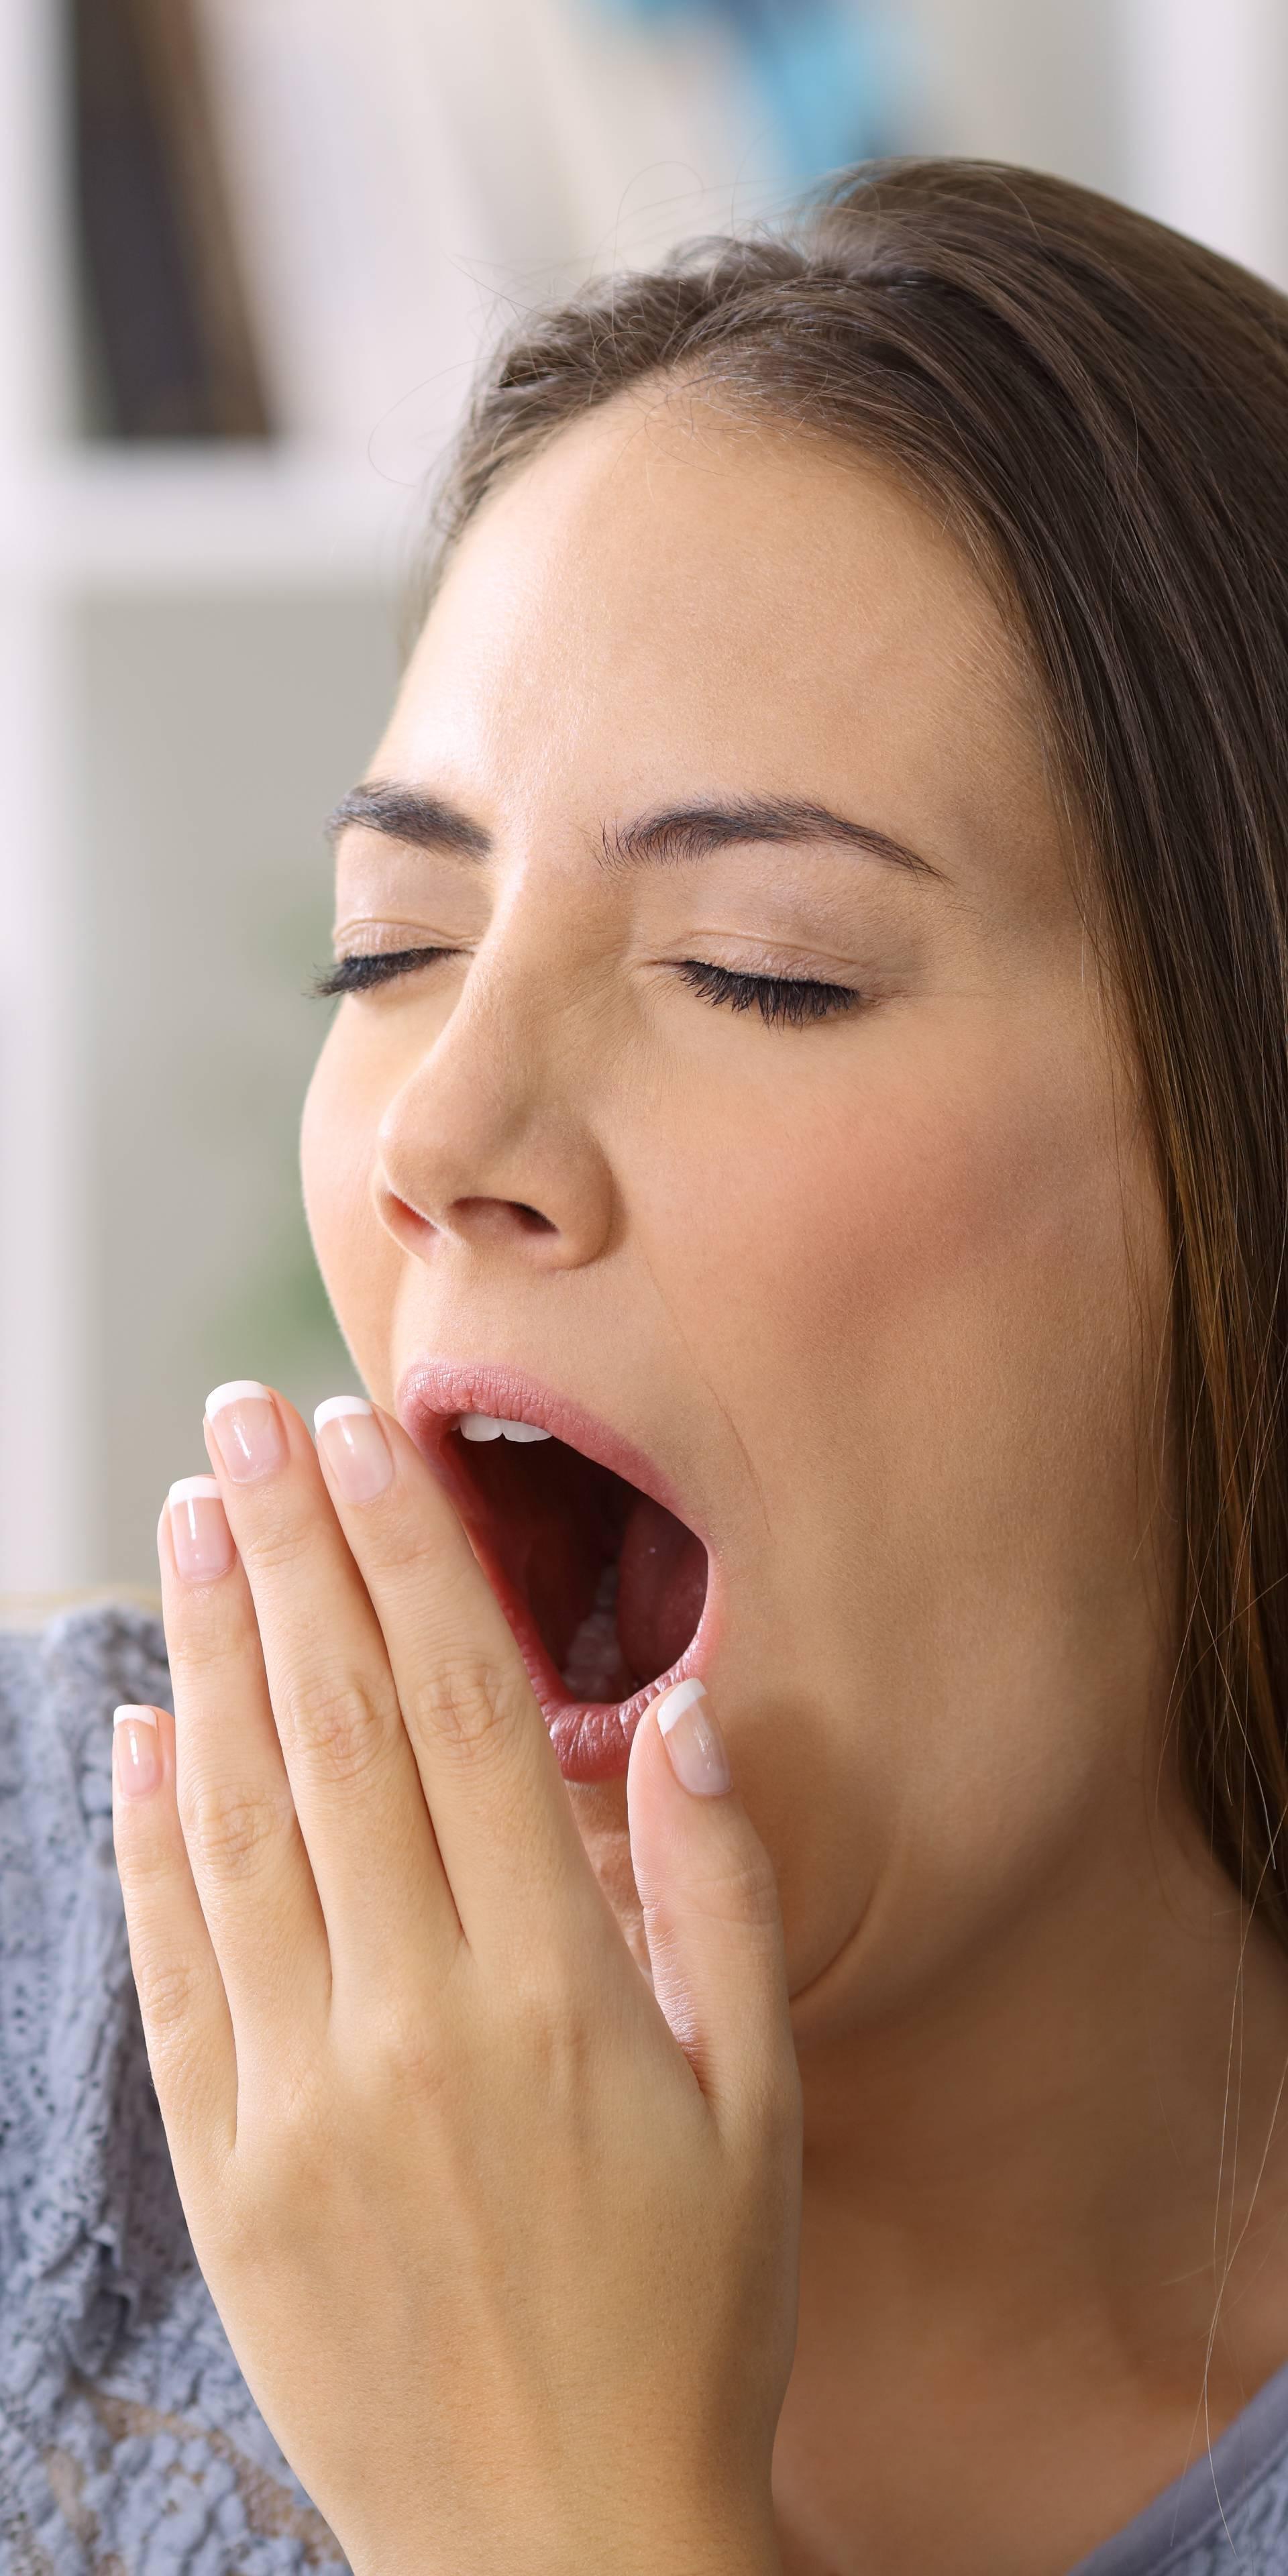 Stalno zijevate? Pretjerujete li, to može biti tihi znak bolesti...